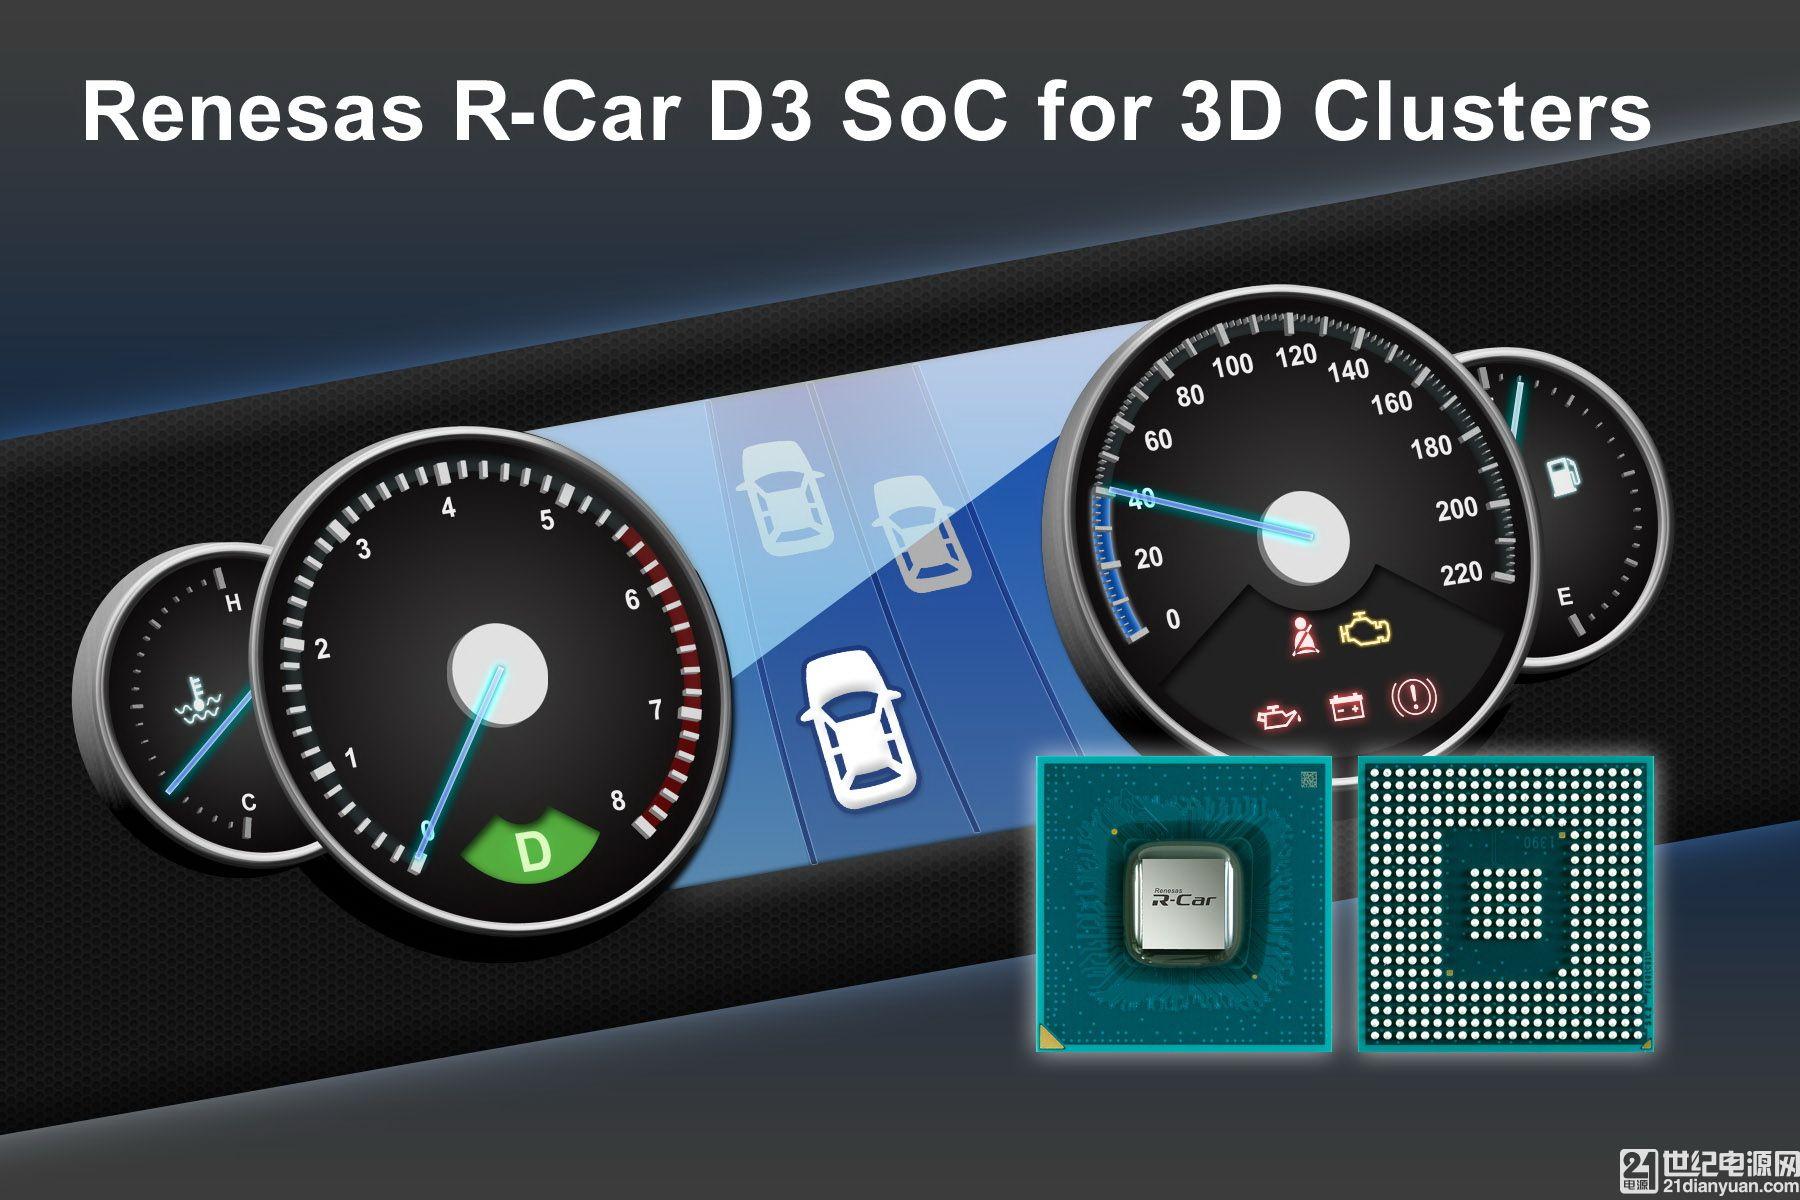 瑞萨电子凭借其 R-Car D3 SoC 将 3D 图形仪表盘普及至入门级车型